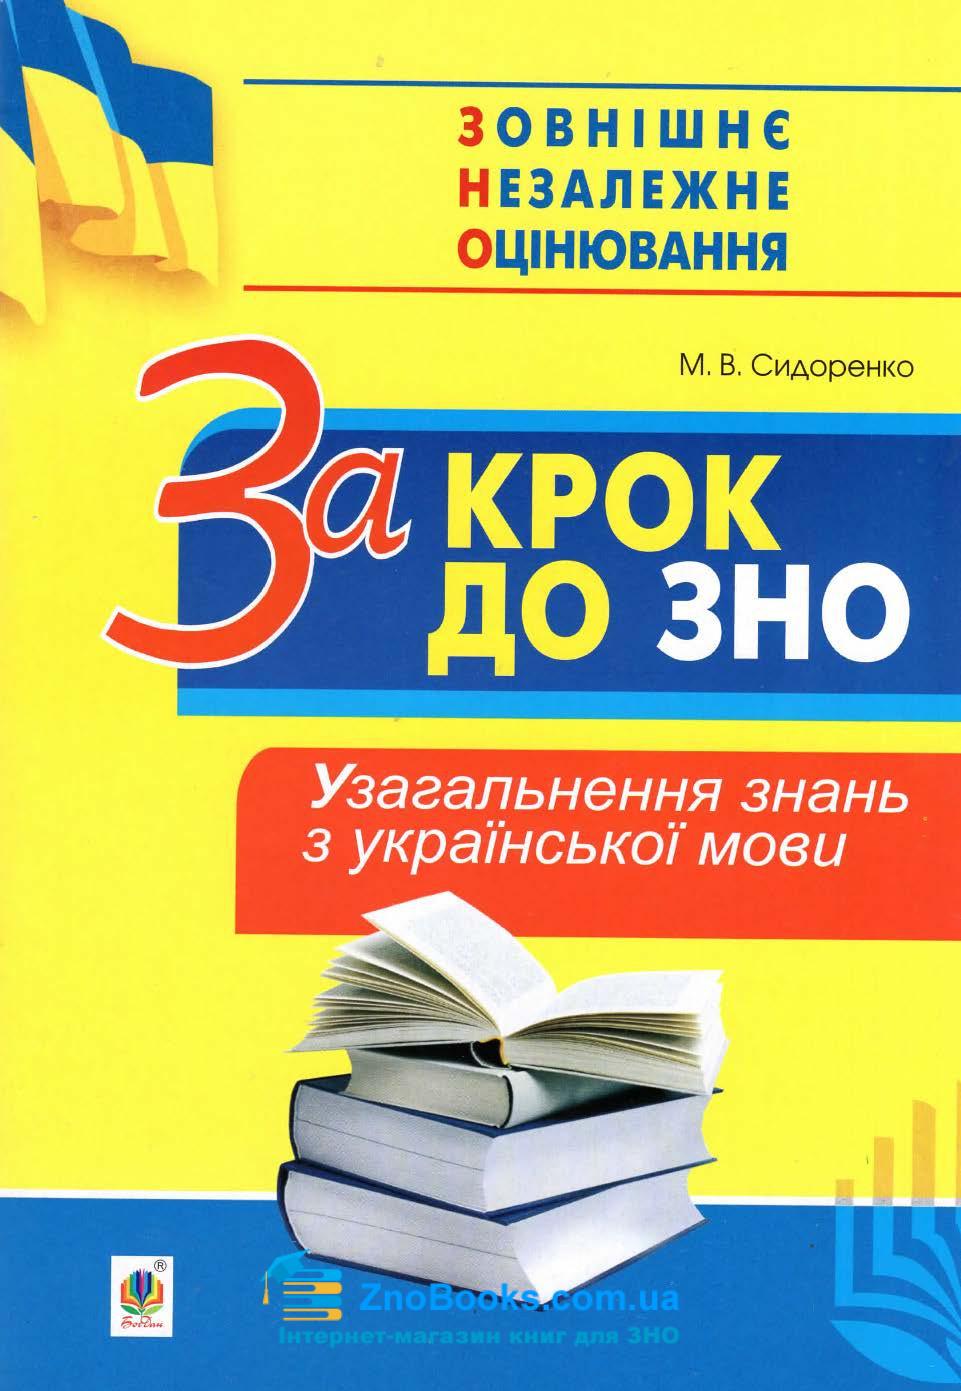 Тести з української мови. За крок до ЗНО 2020 : Сидоренко М. купити 0